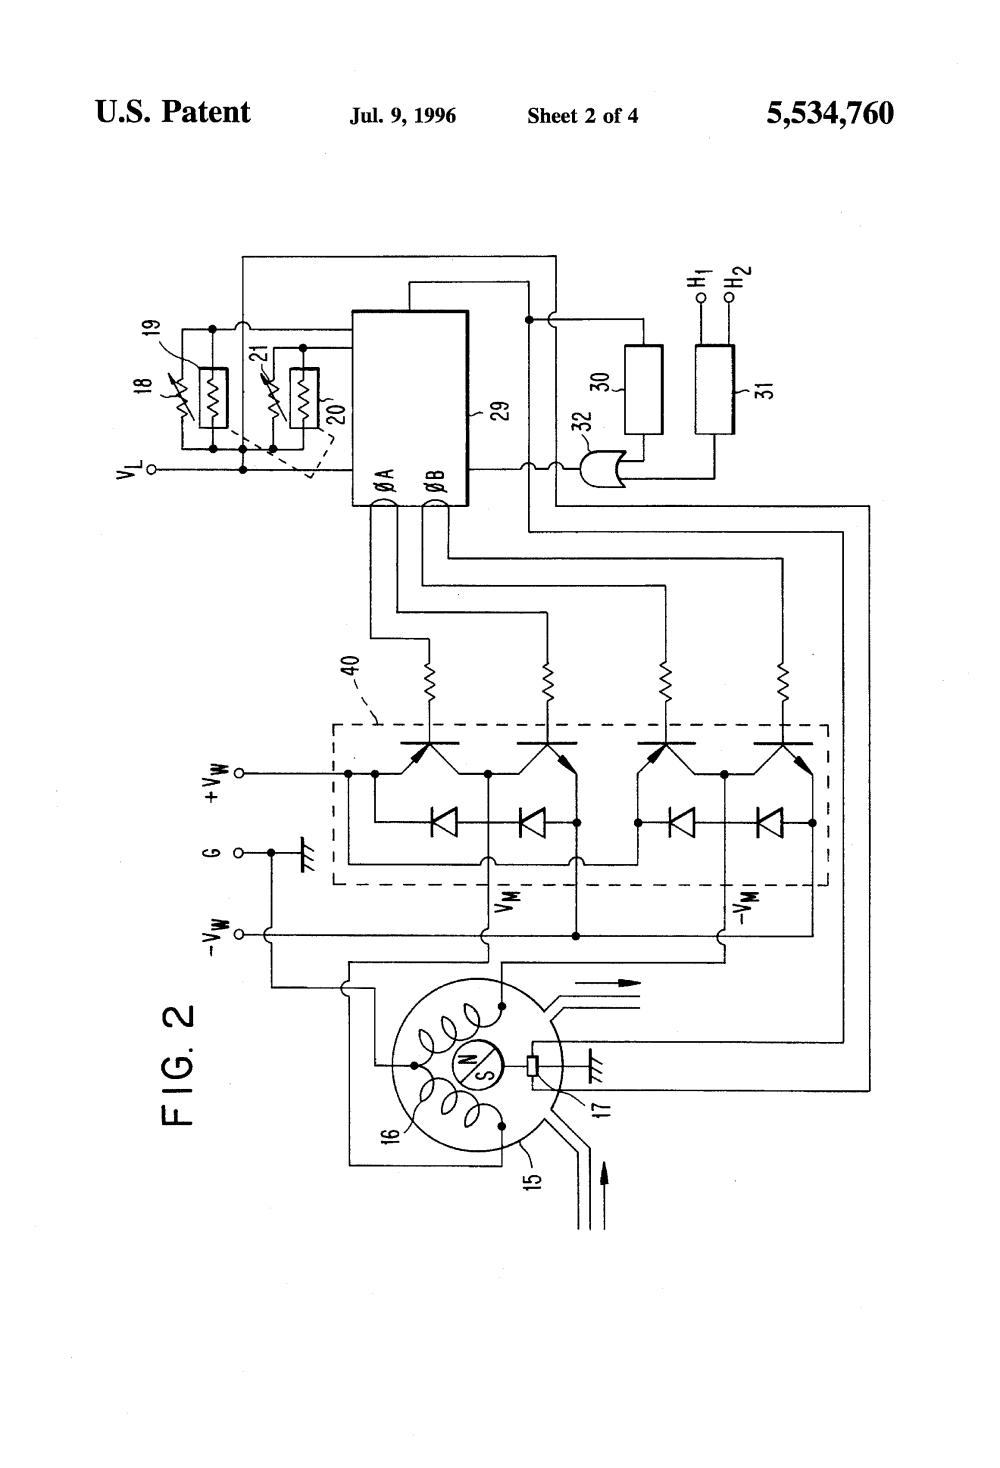 medium resolution of 28 hitachi compressor wiring diagram jeffdoedesign com a c compressor wiring diagram 220 volt 1 phase compressor